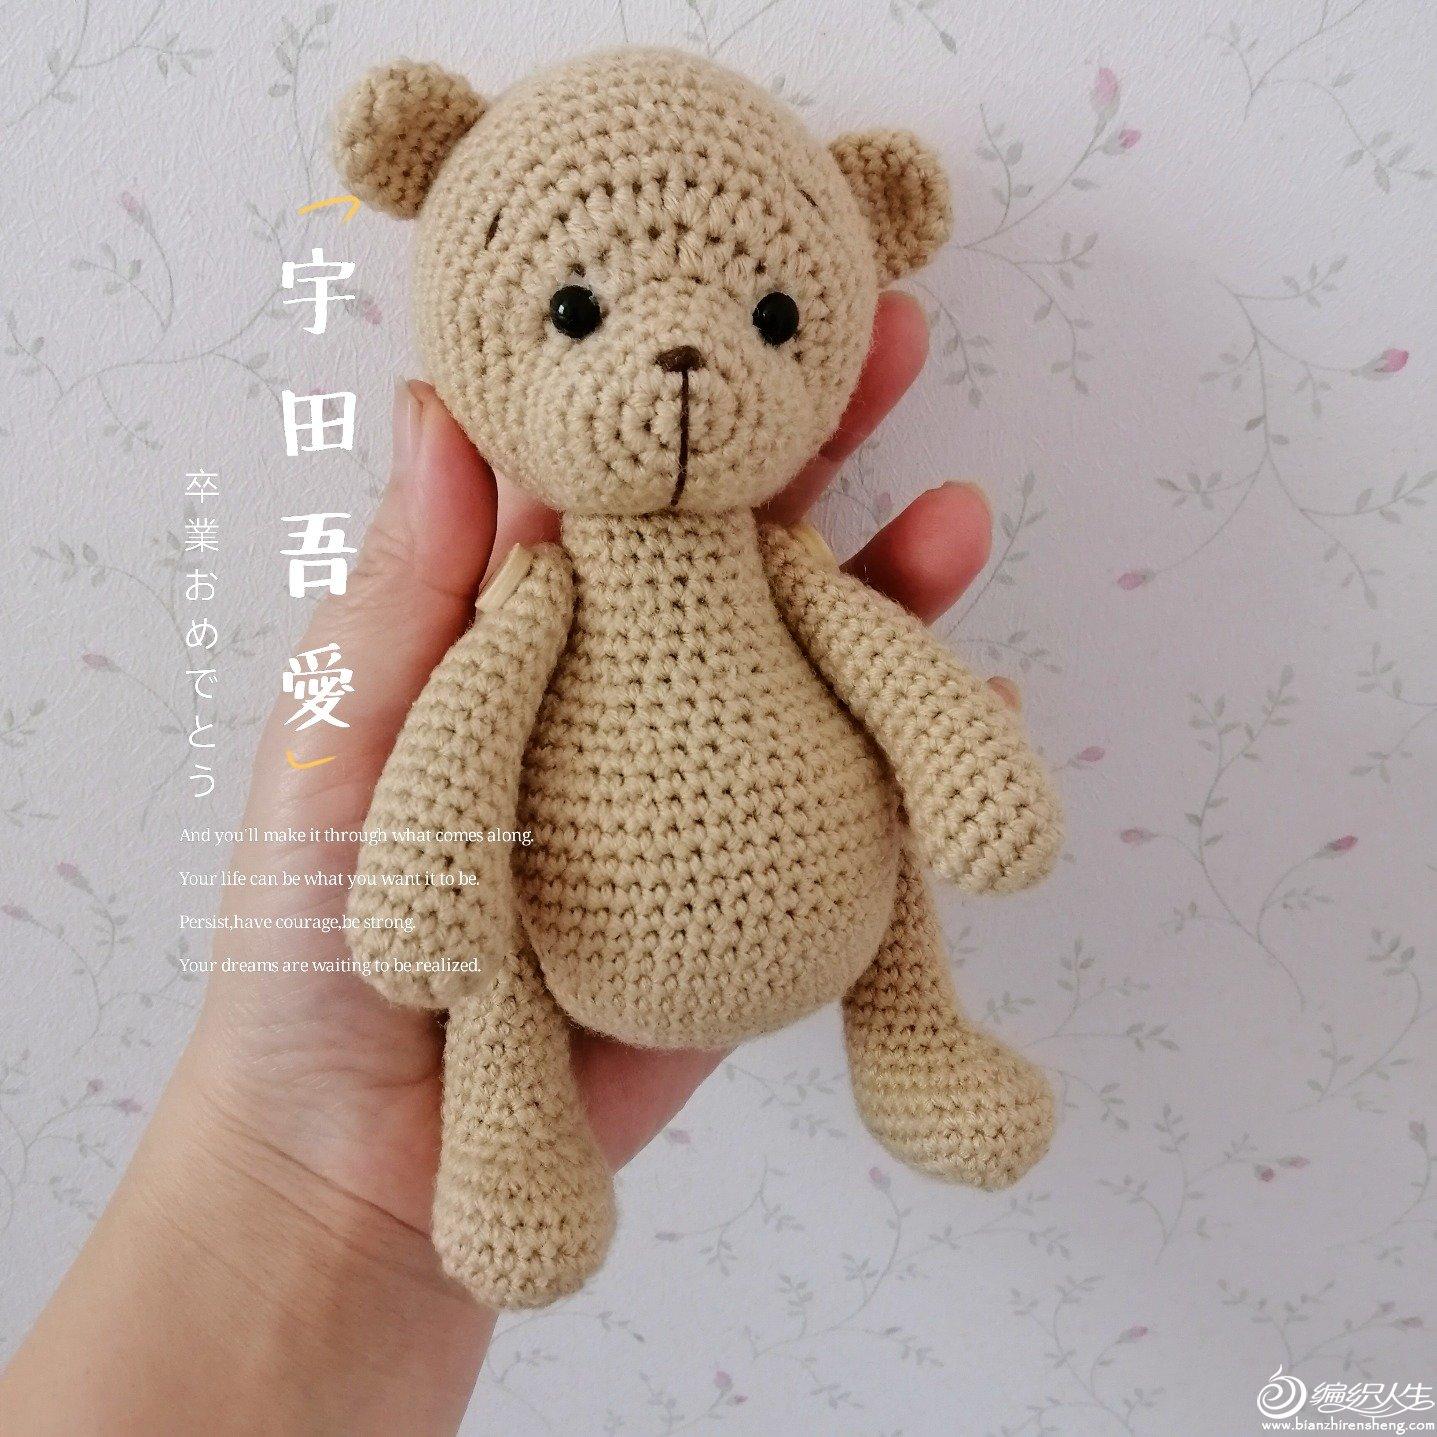 钩针熊玩偶